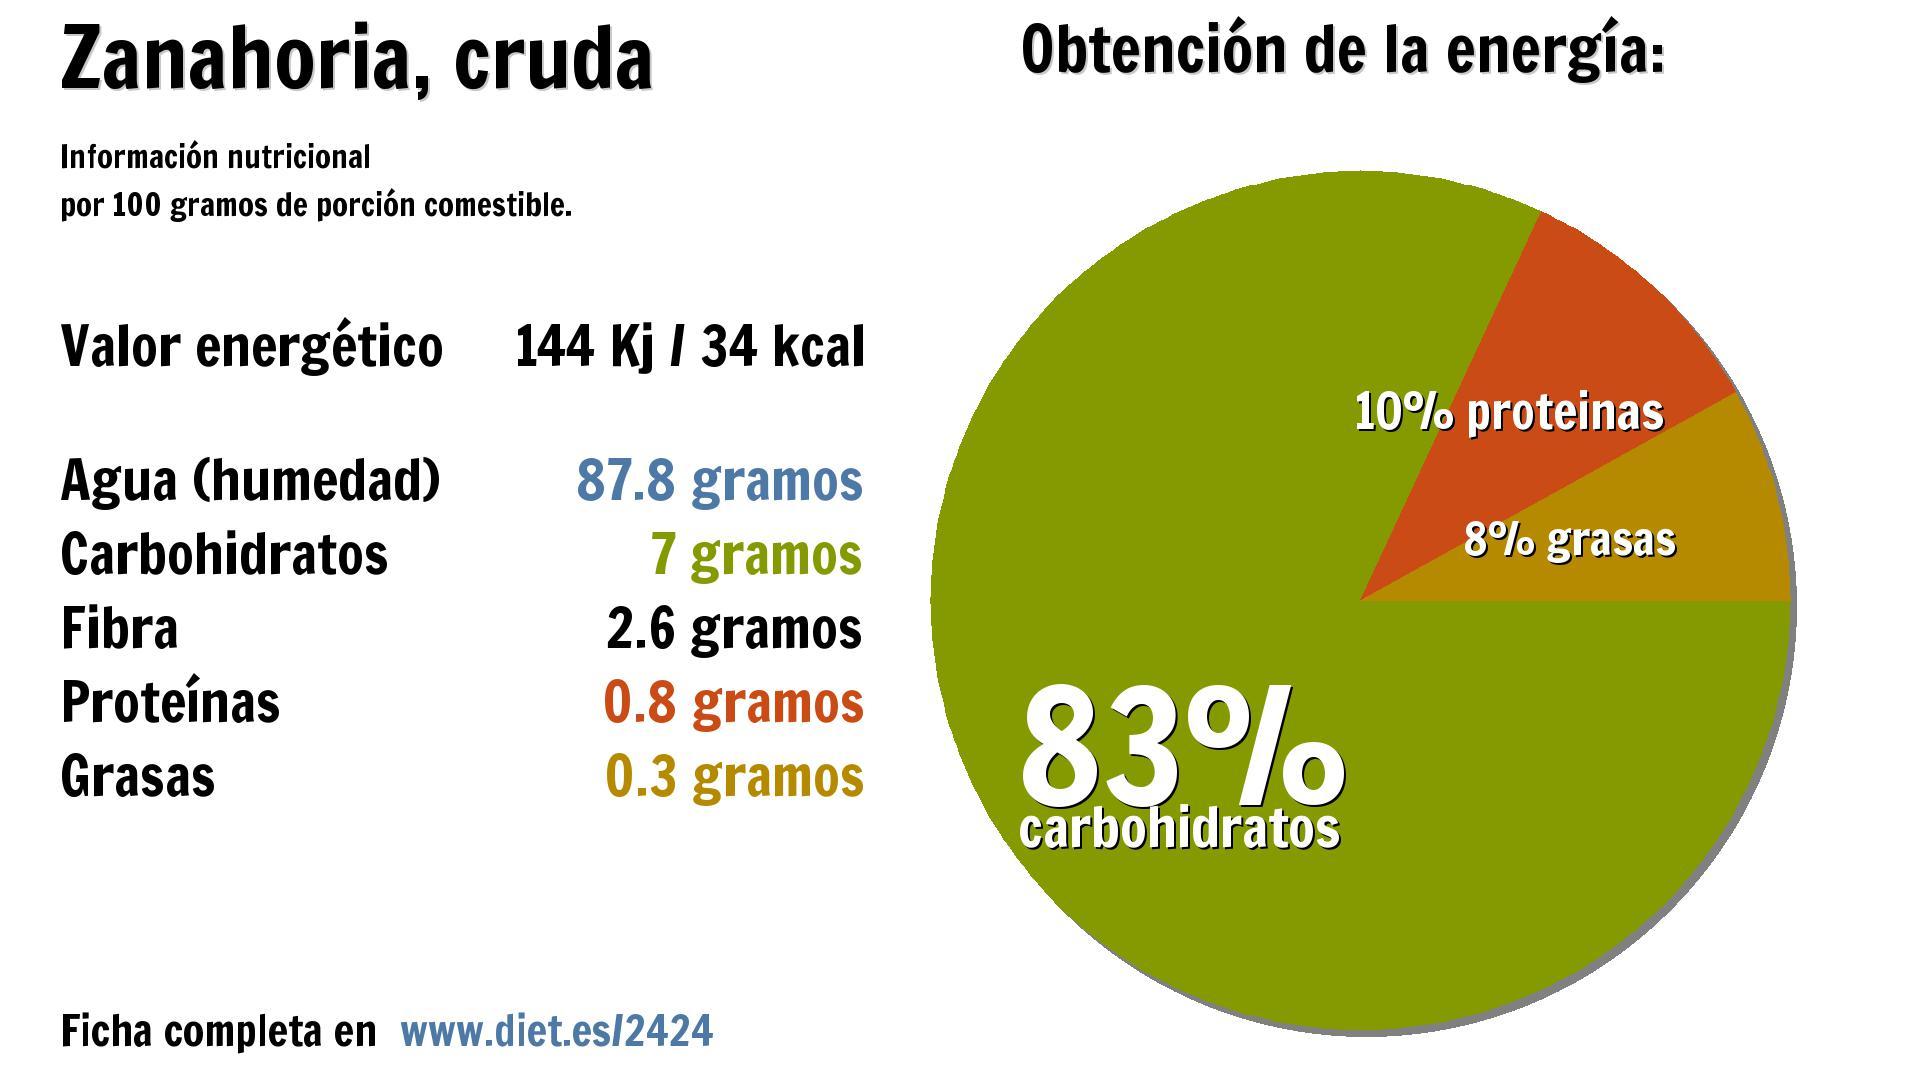 Tomate Vs Zanahoria Cruda Comparativa Consulta las calorías de las zanahorias (sin cocinar), así como su composición nutricional. tomate vs zanahoria cruda comparativa